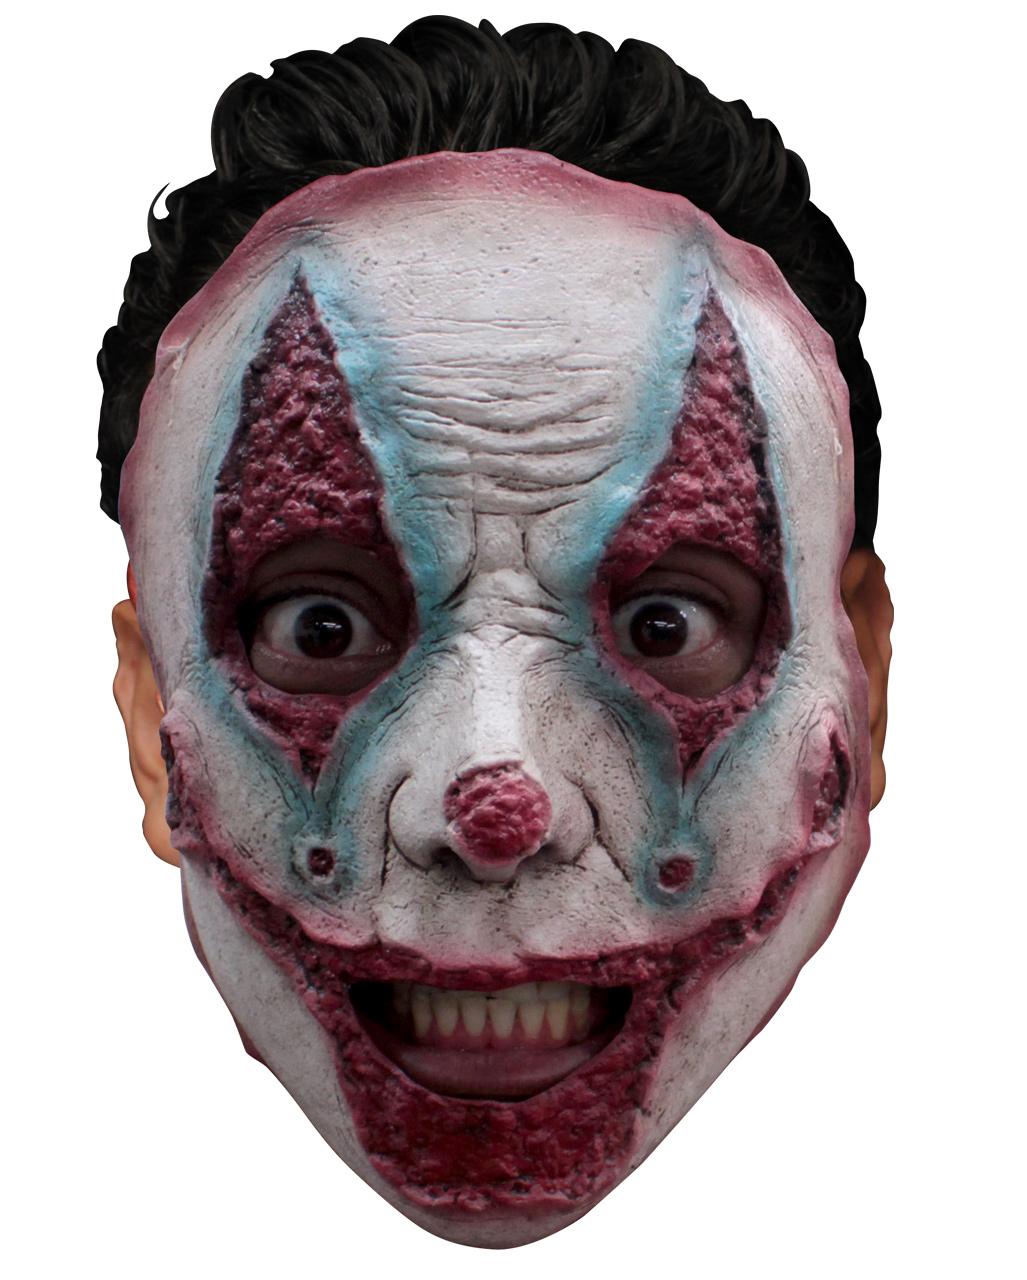 Räumungspreise klar in Sicht Junge Freak Show Clown Maske